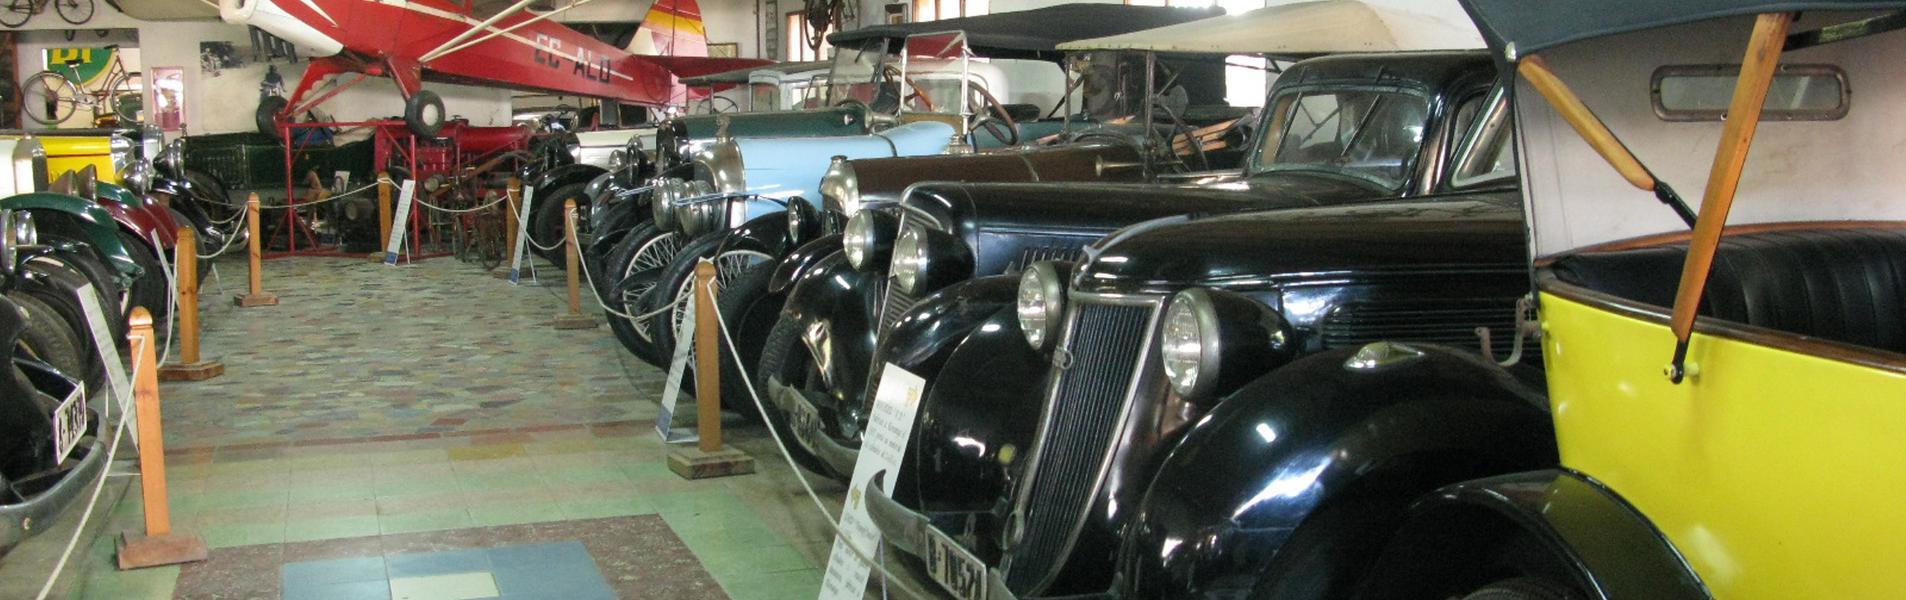 Museo de Automóviles Salvador Claret